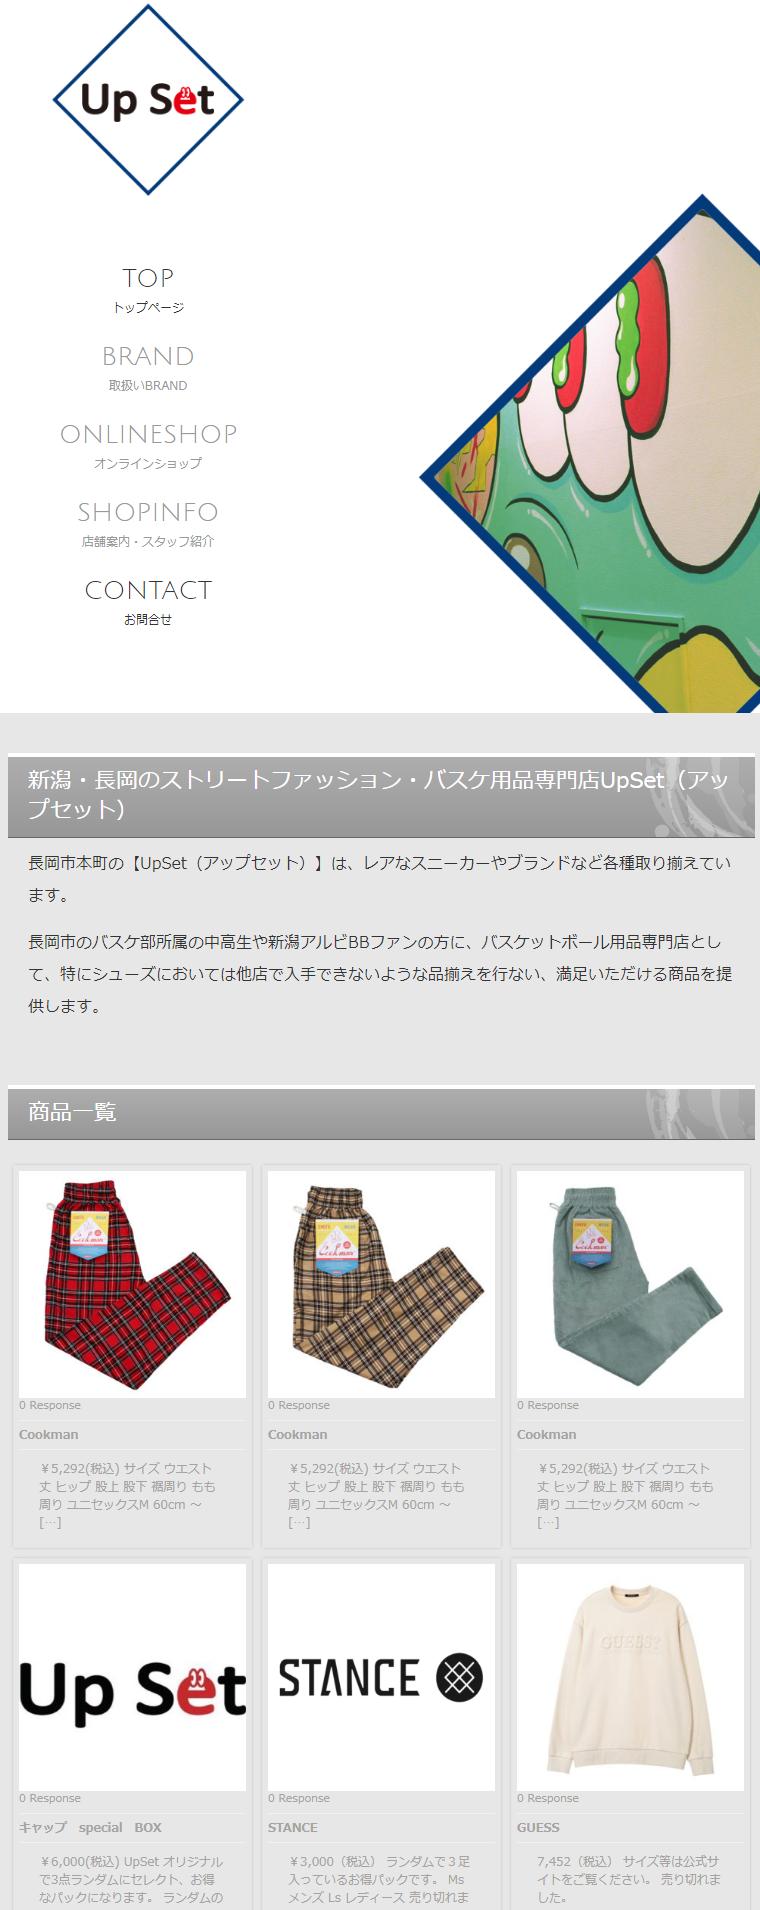 長岡市 UpSet様 ホームページ